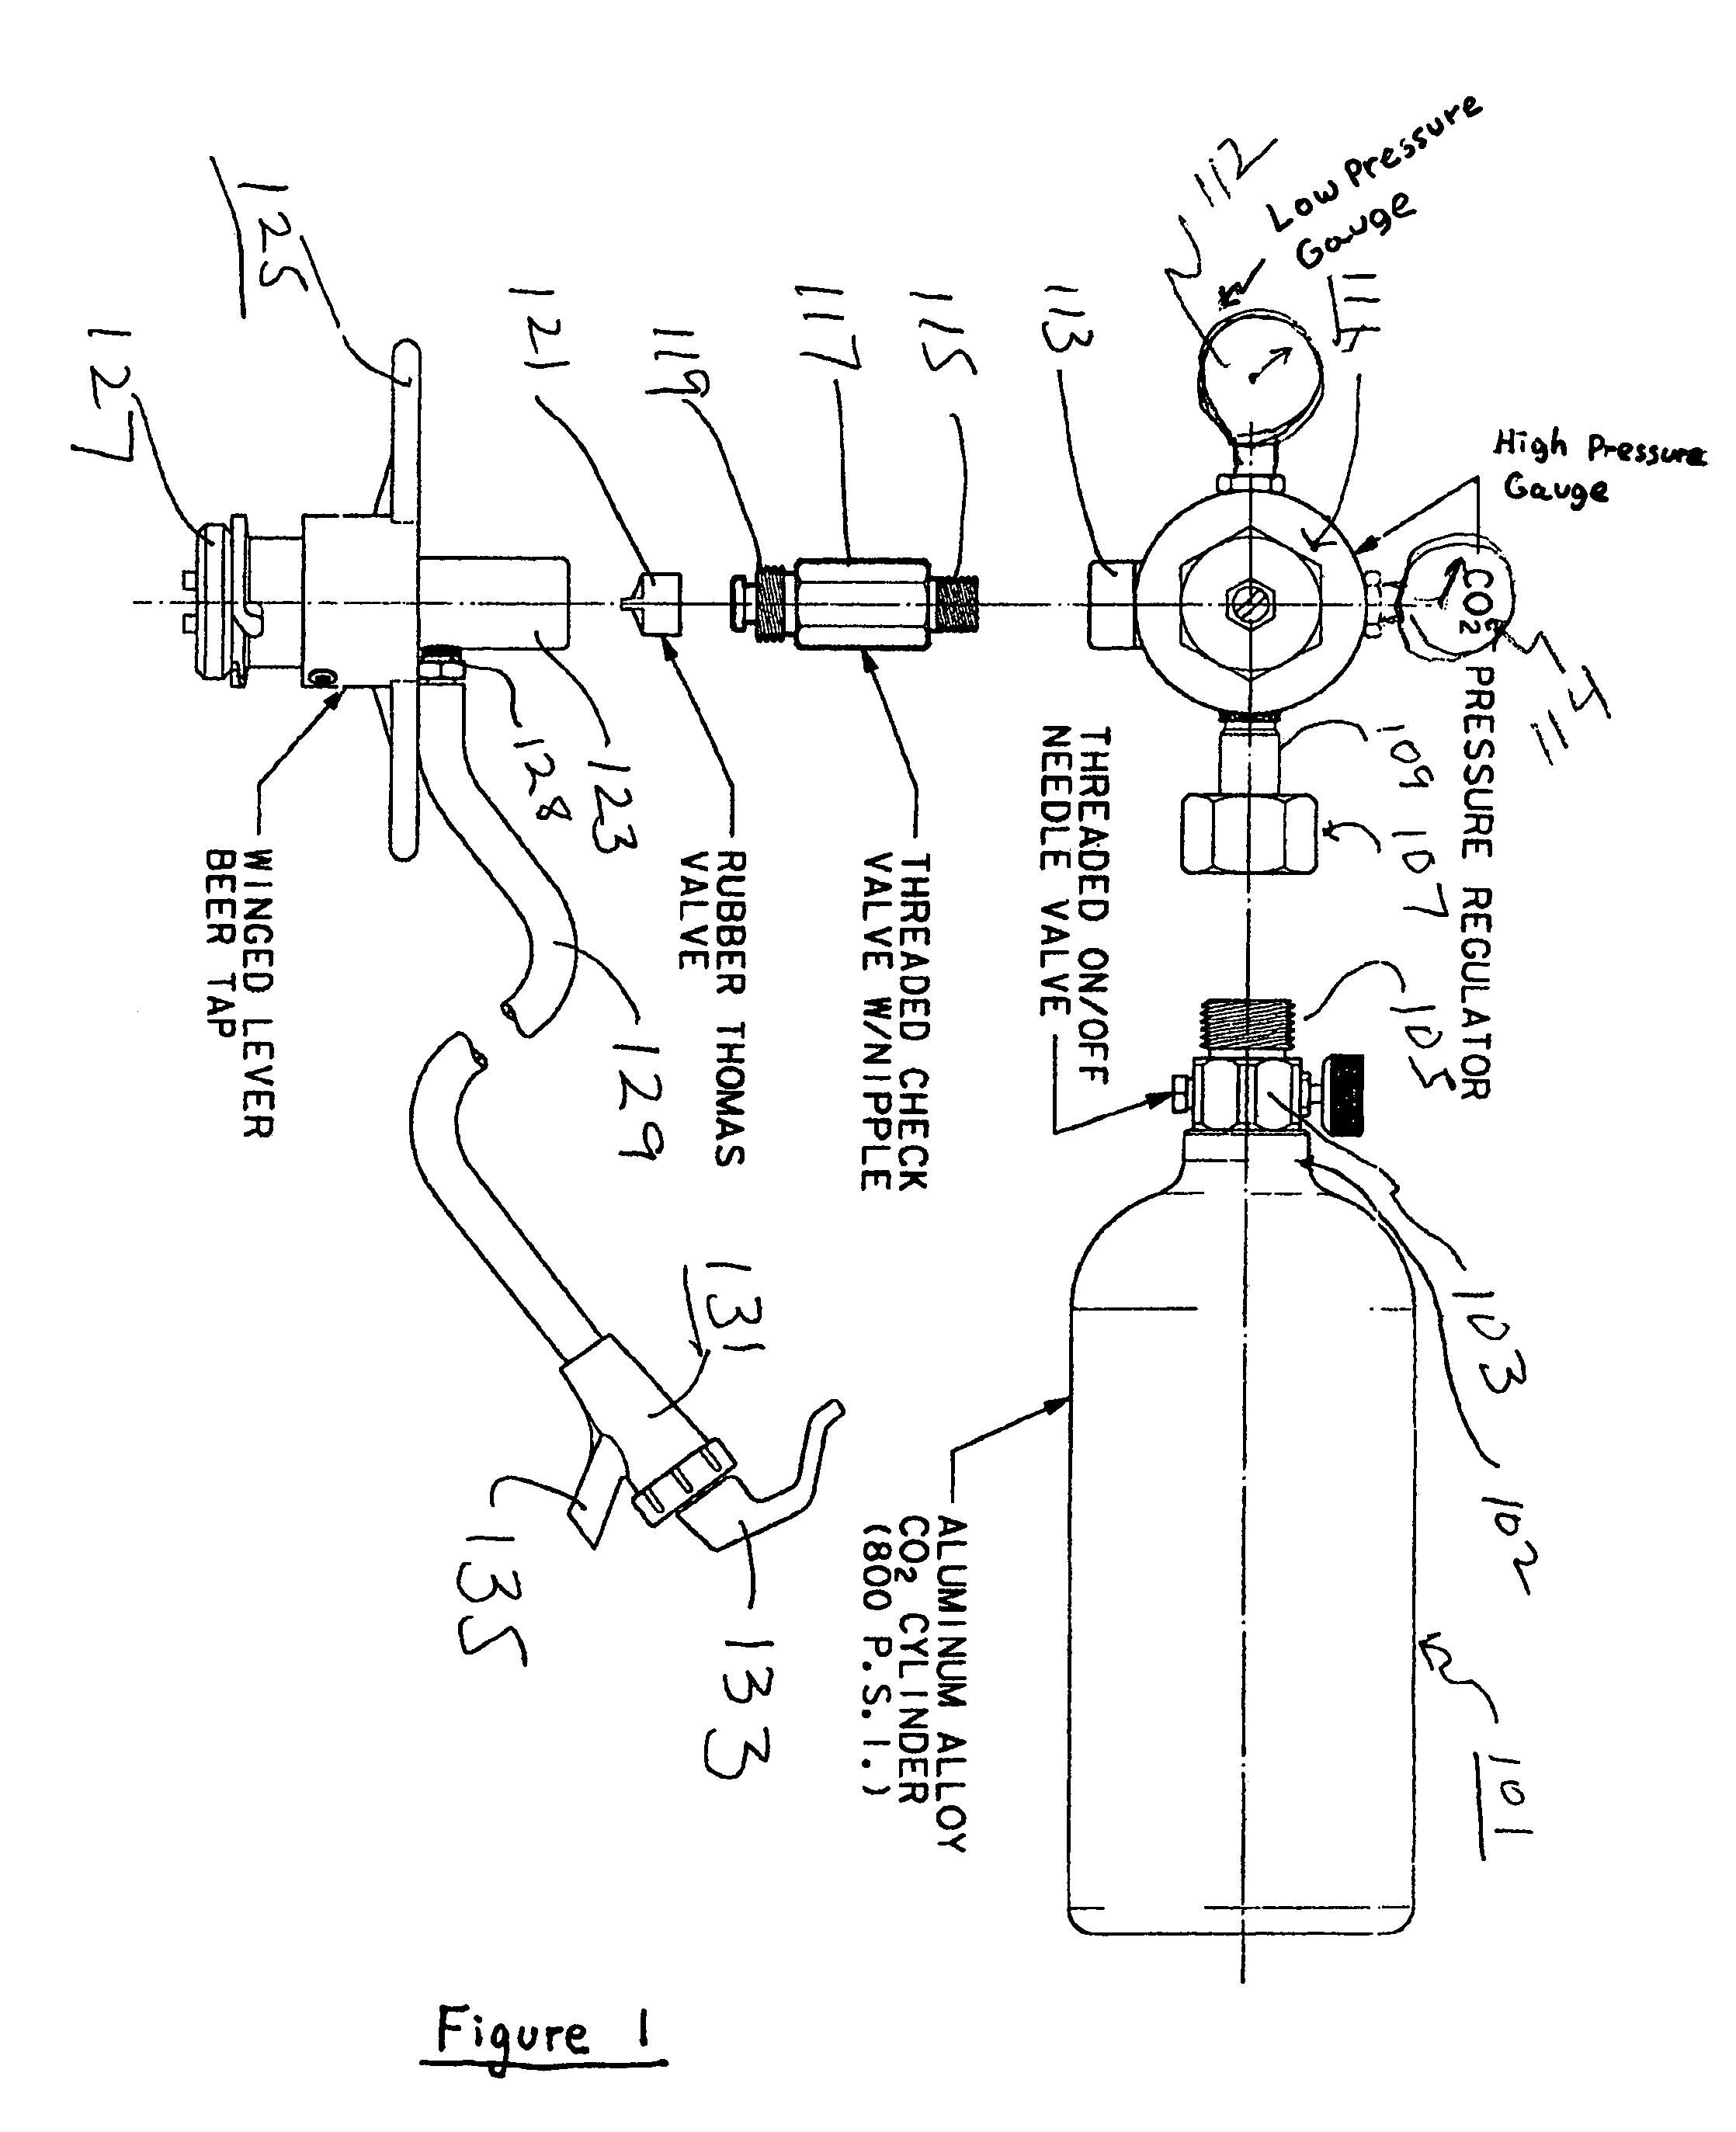 diagram of a beer keg